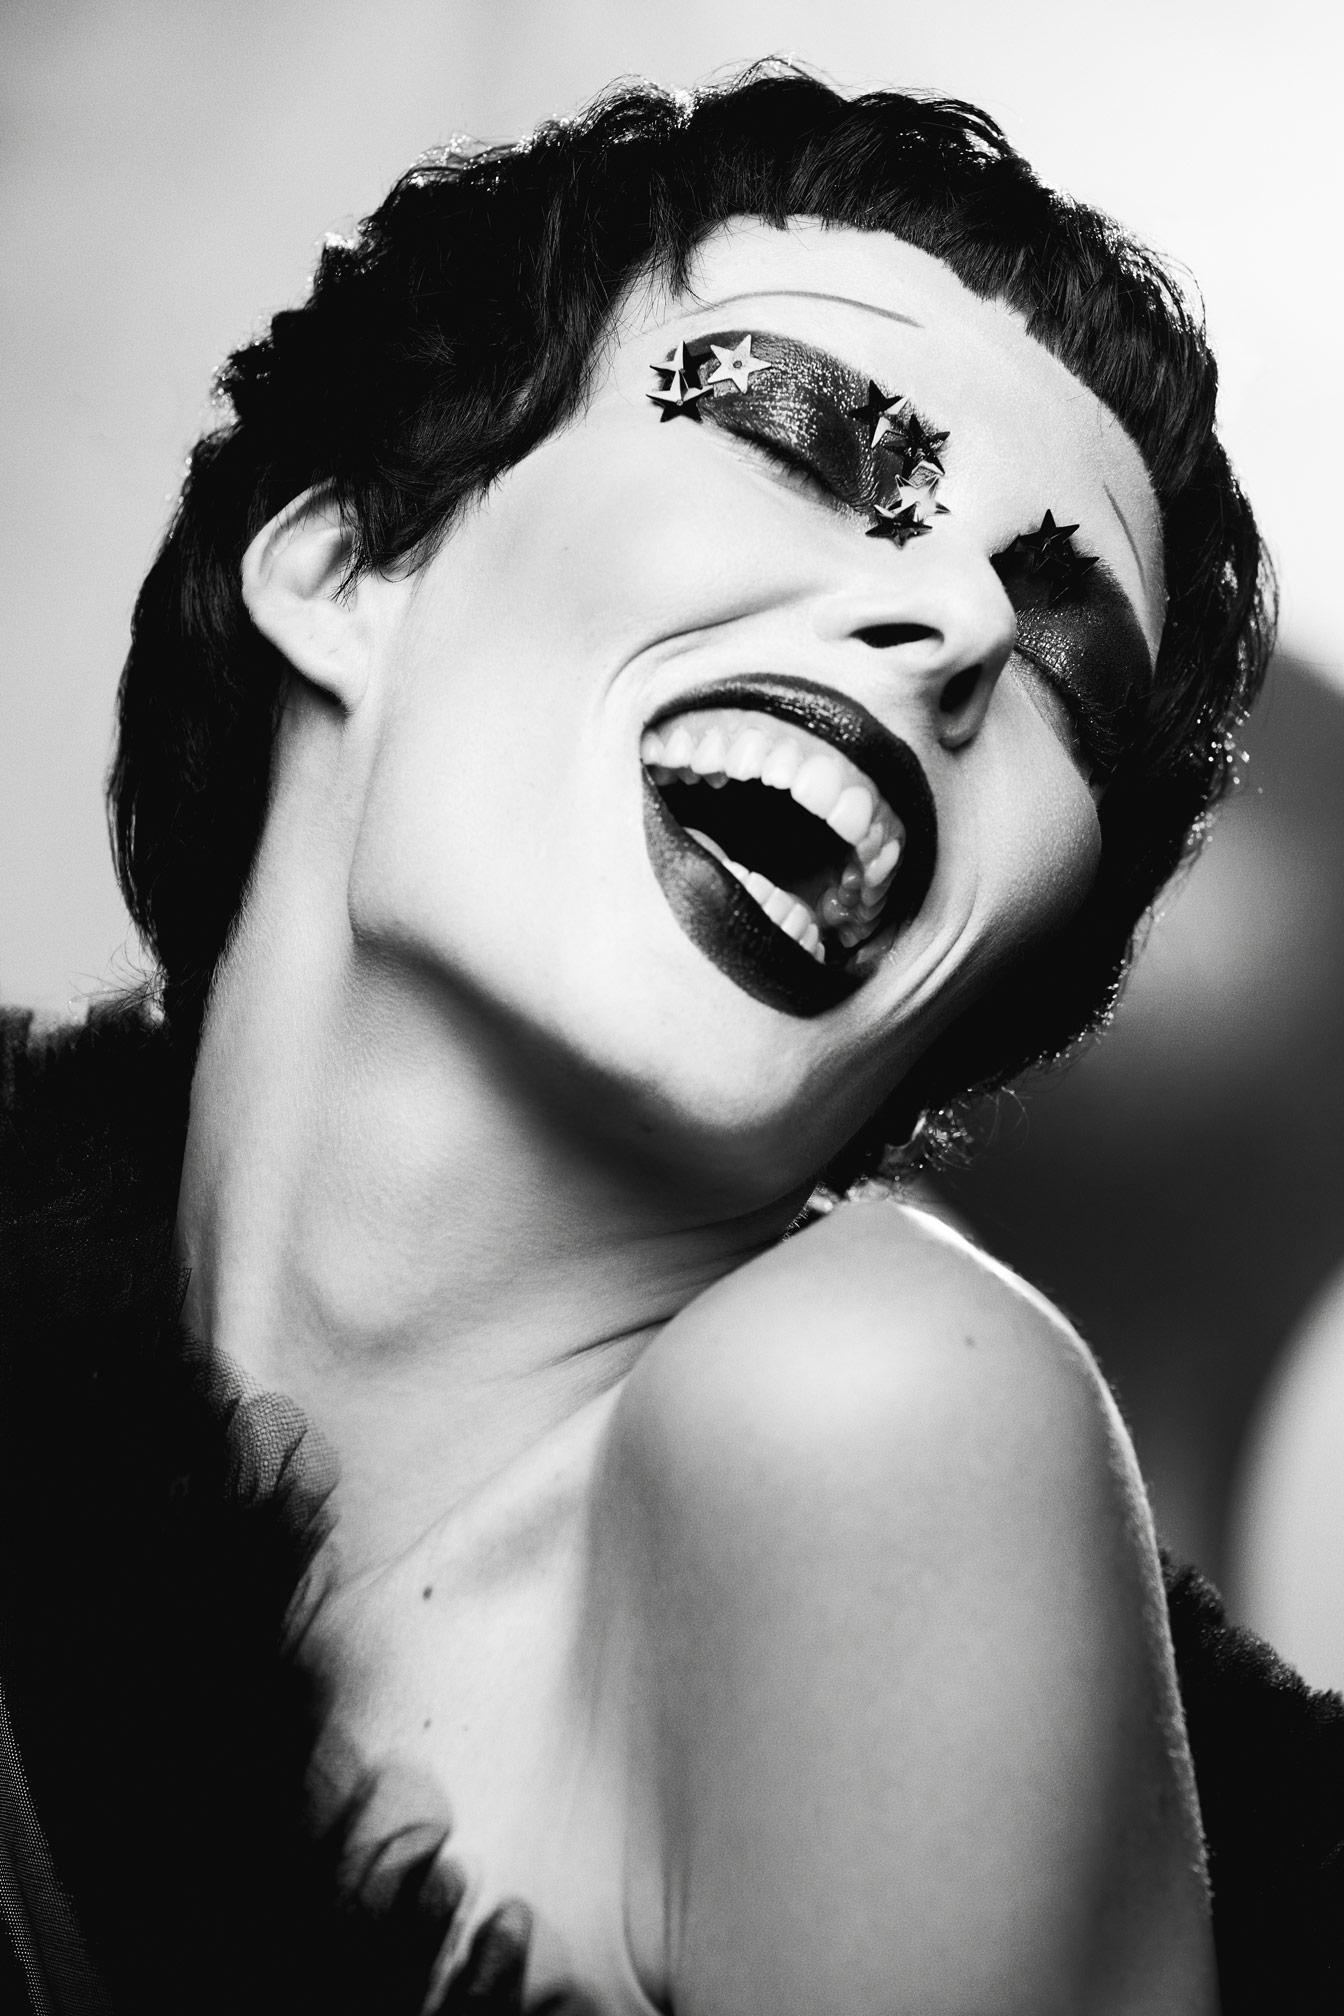 Mtl photographe portrait noir et blanc classique